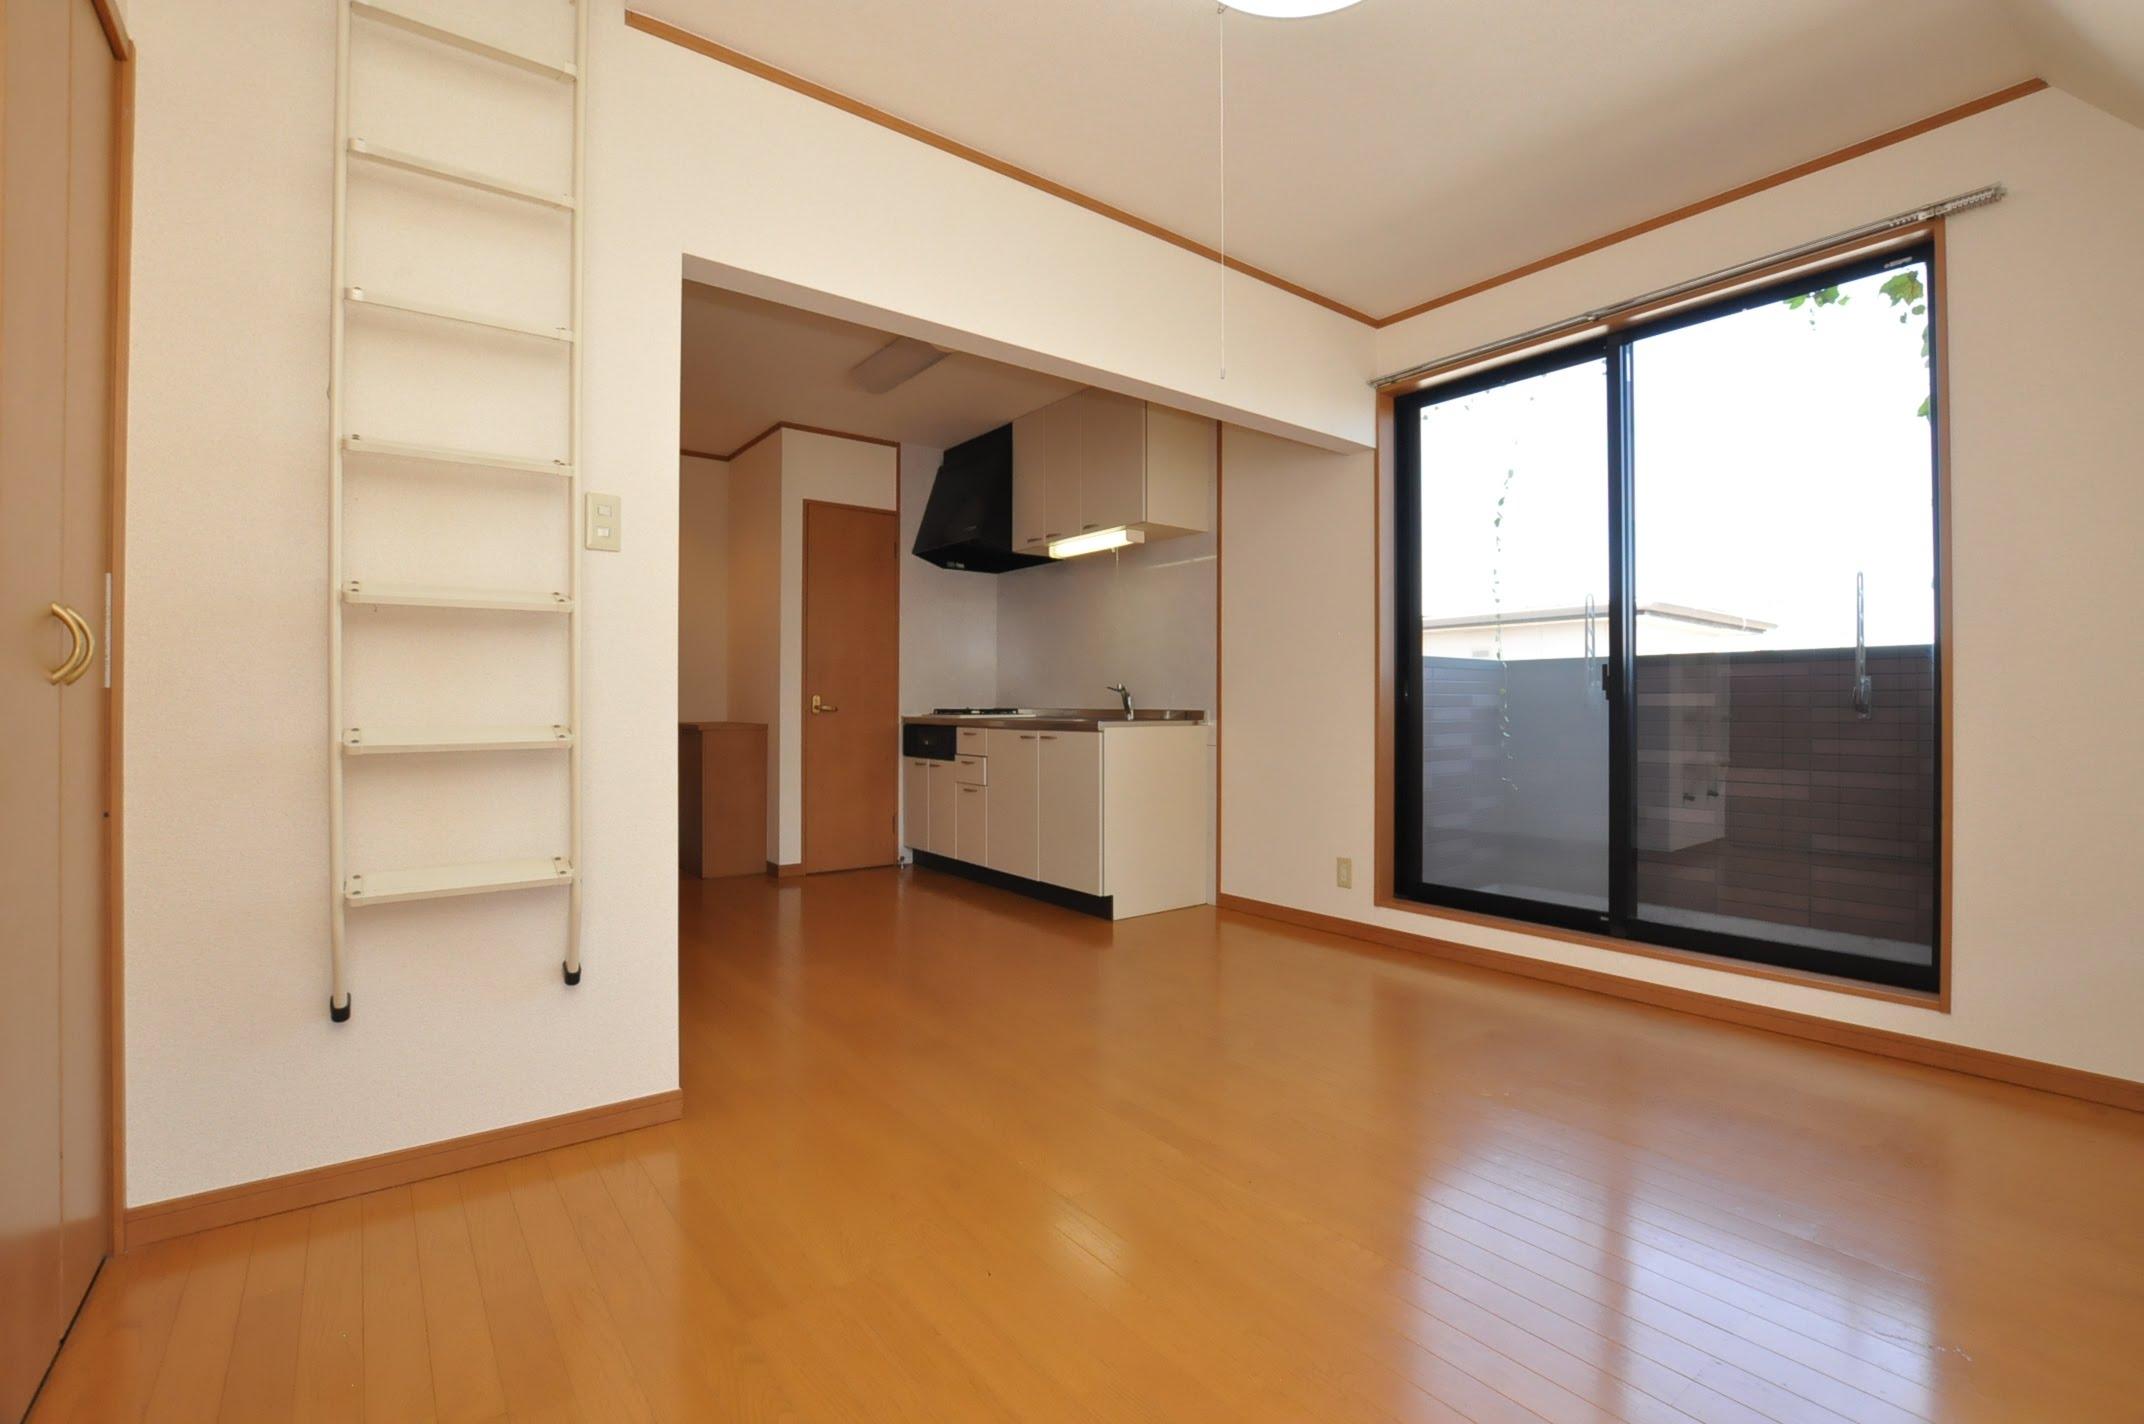 グッドライフ折尾 1R+ロフト 角部屋 アイユーホーム八幡店 6620177